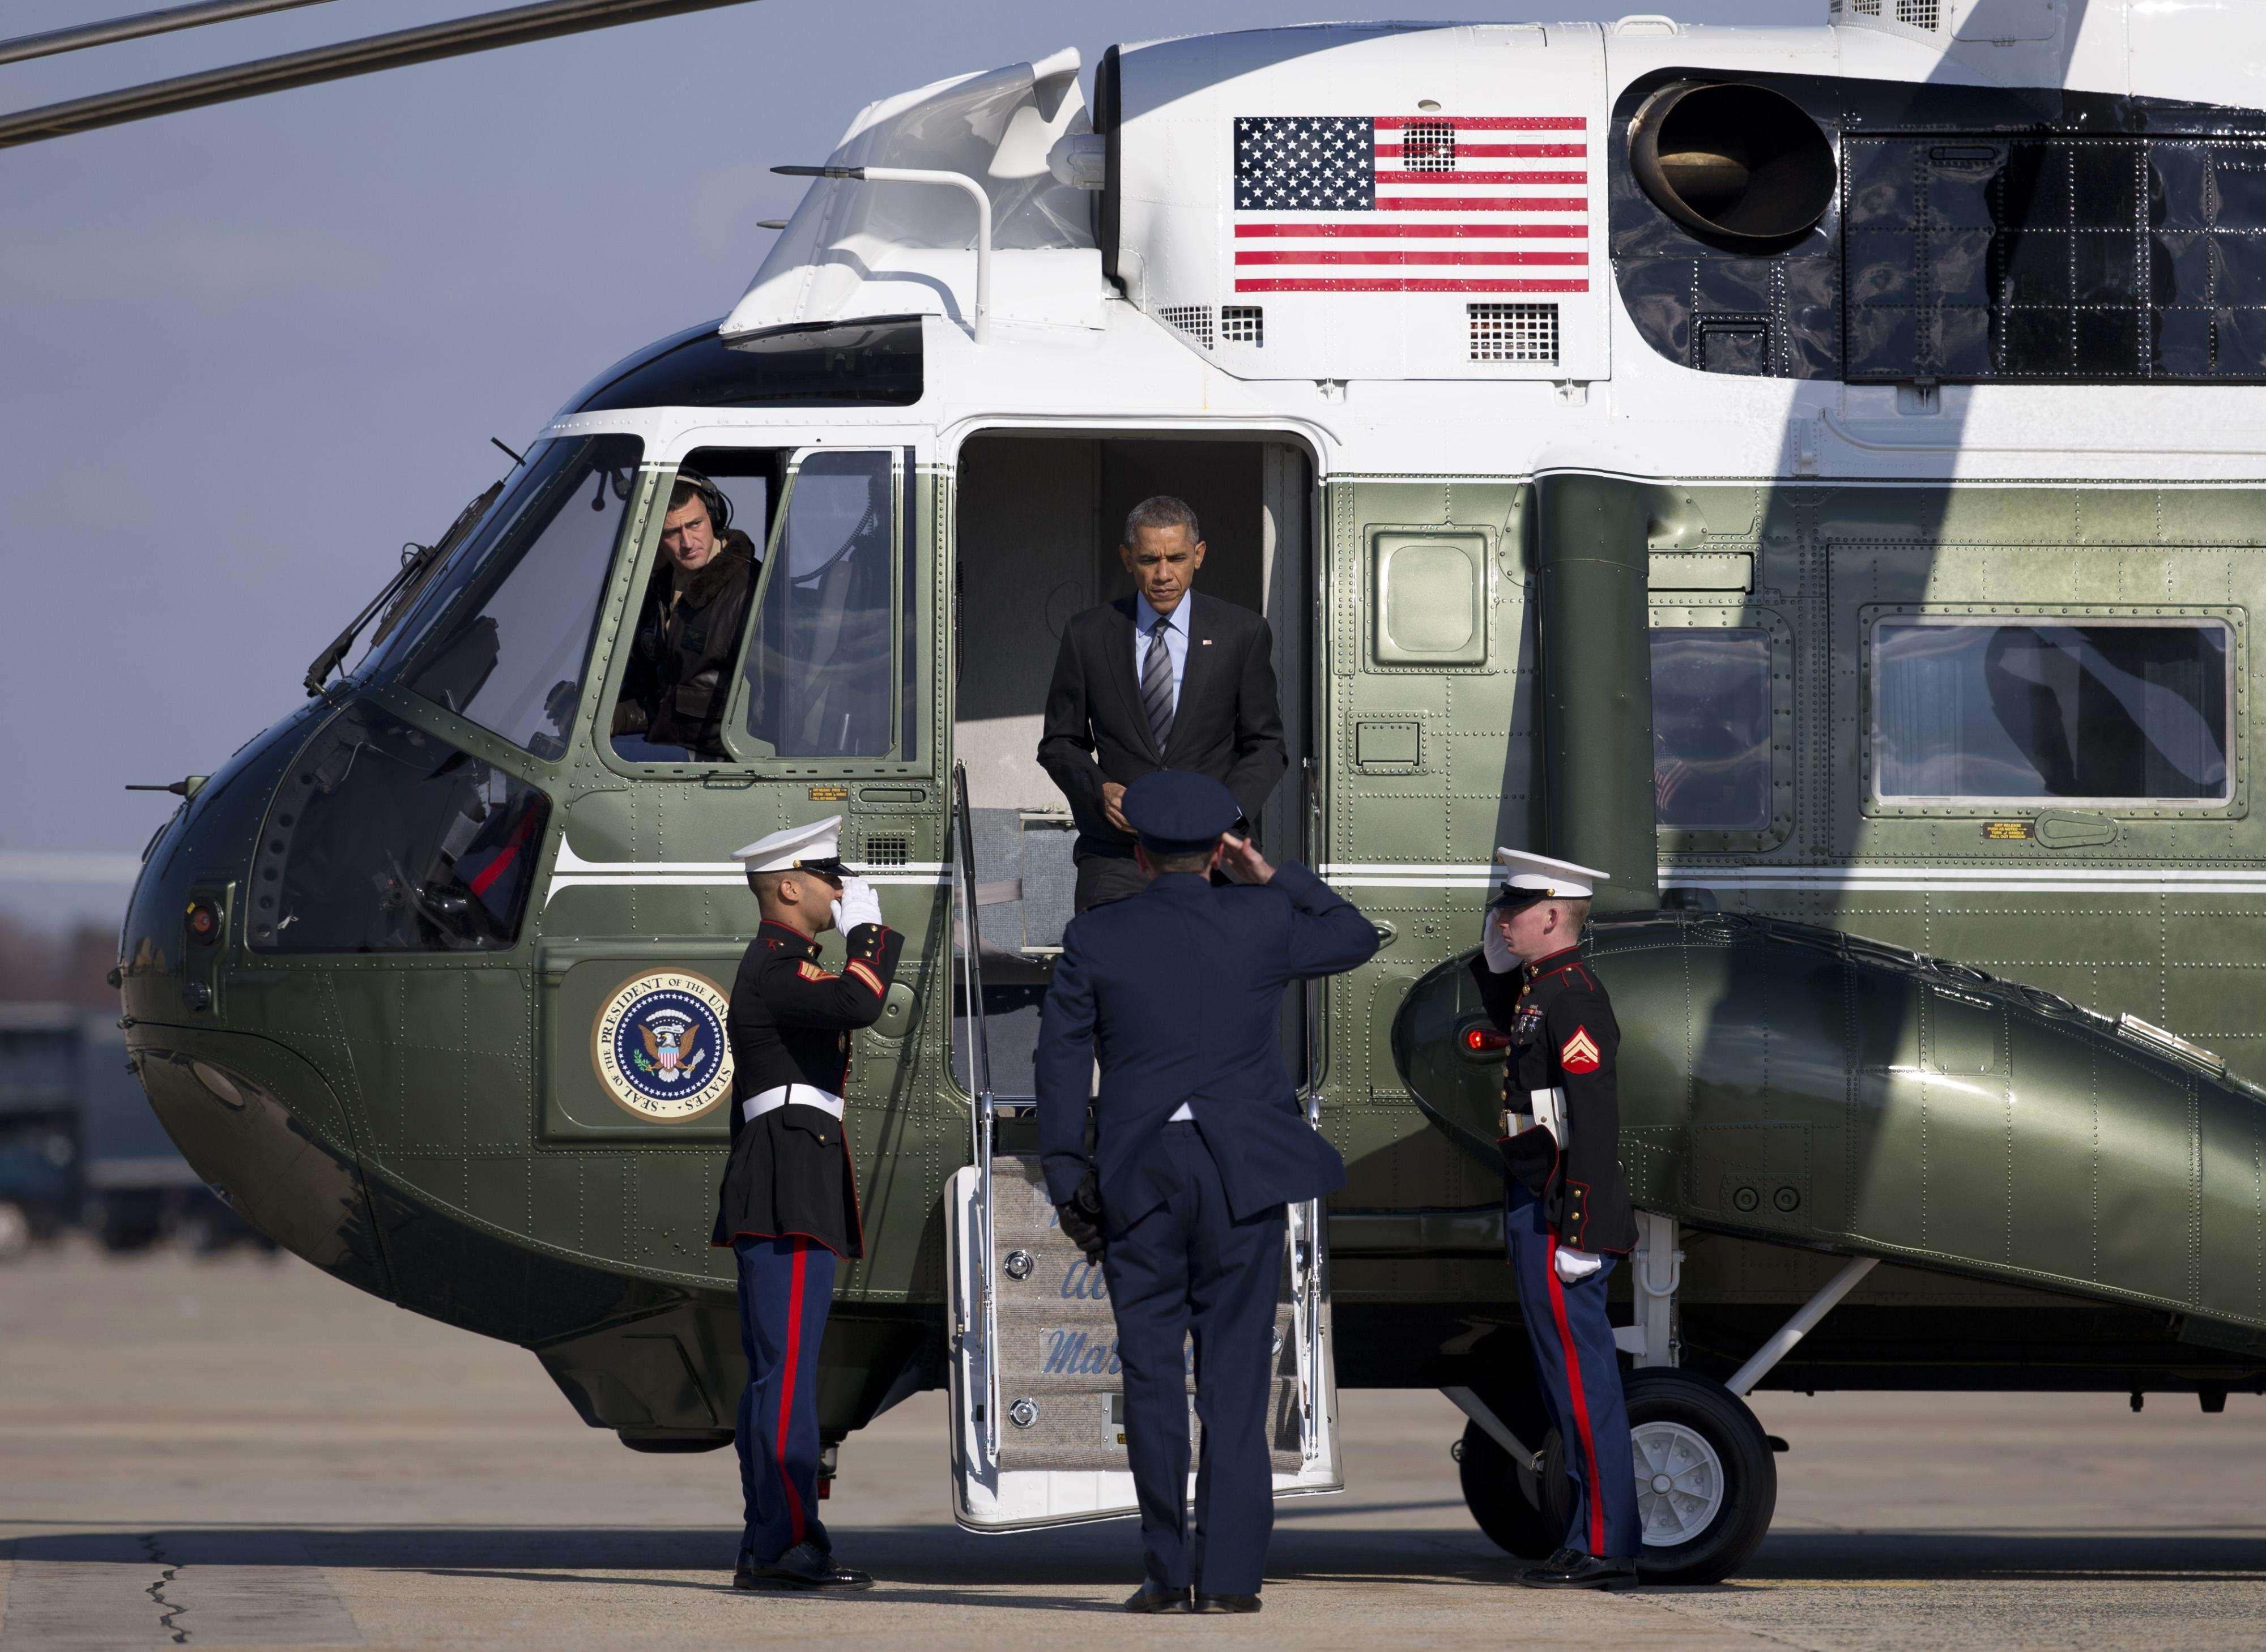 El presidente Obama visita Las Vegas a un día de anunciar sus medidas en materia de inmigración. Foto: AP en español